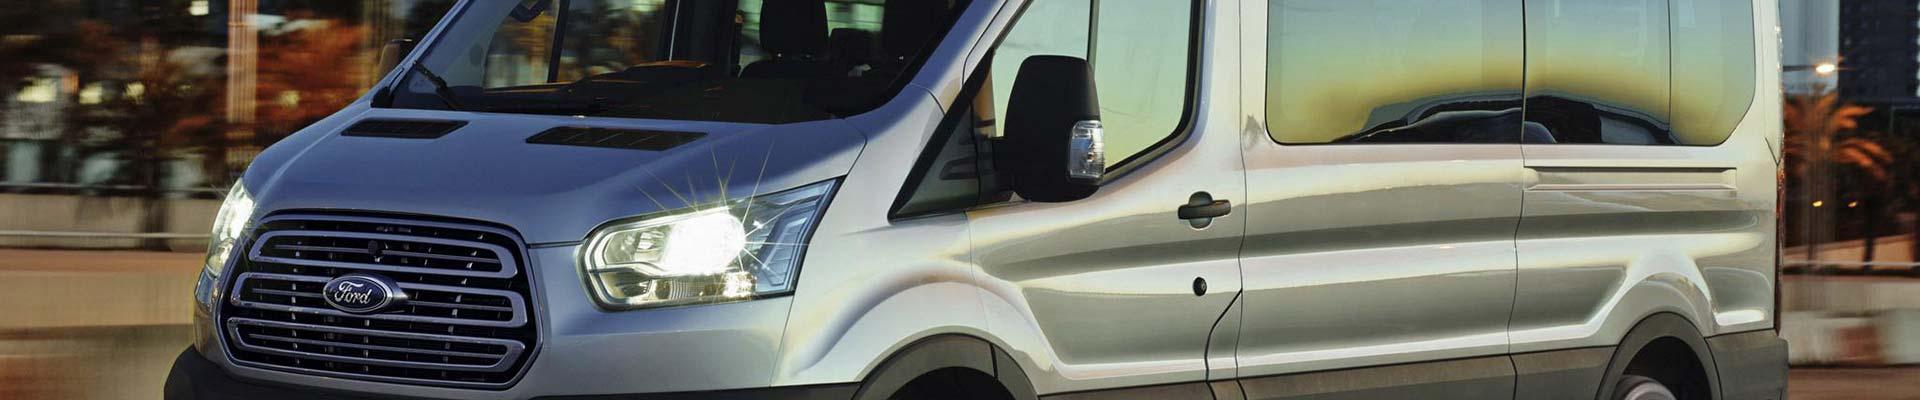 microbus despedida de soltera o soltero en malaga